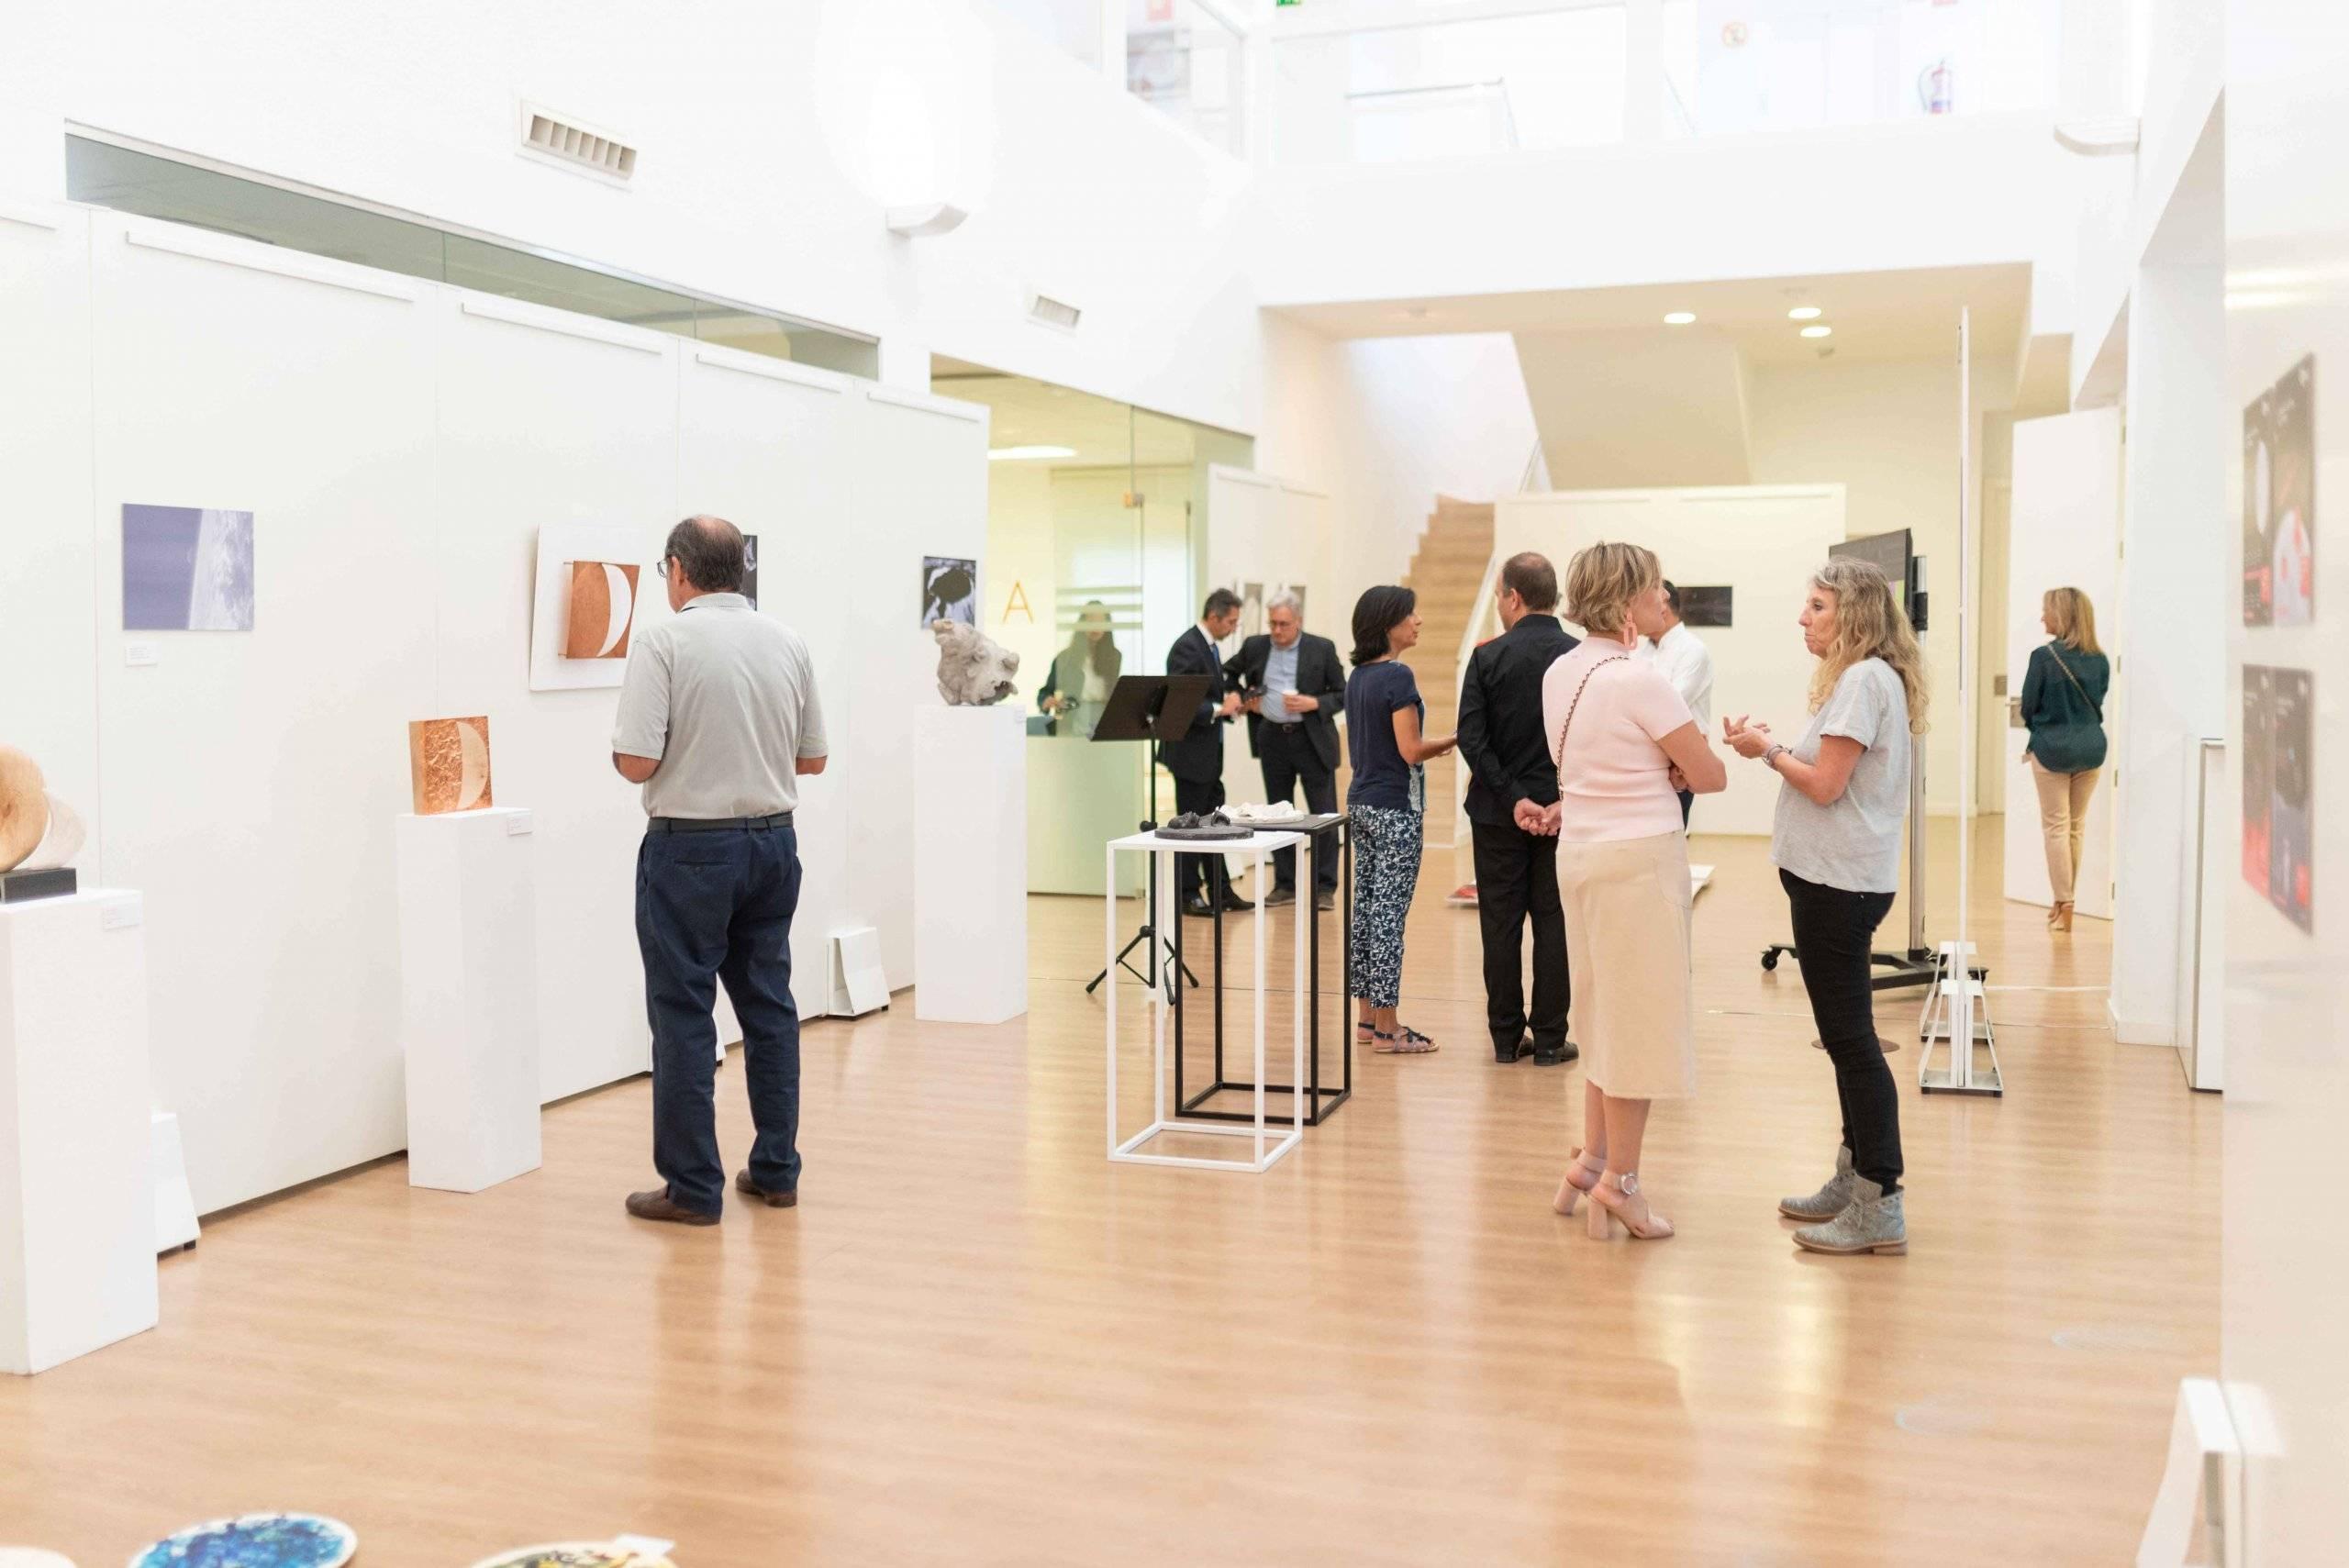 Público visitando la exposición